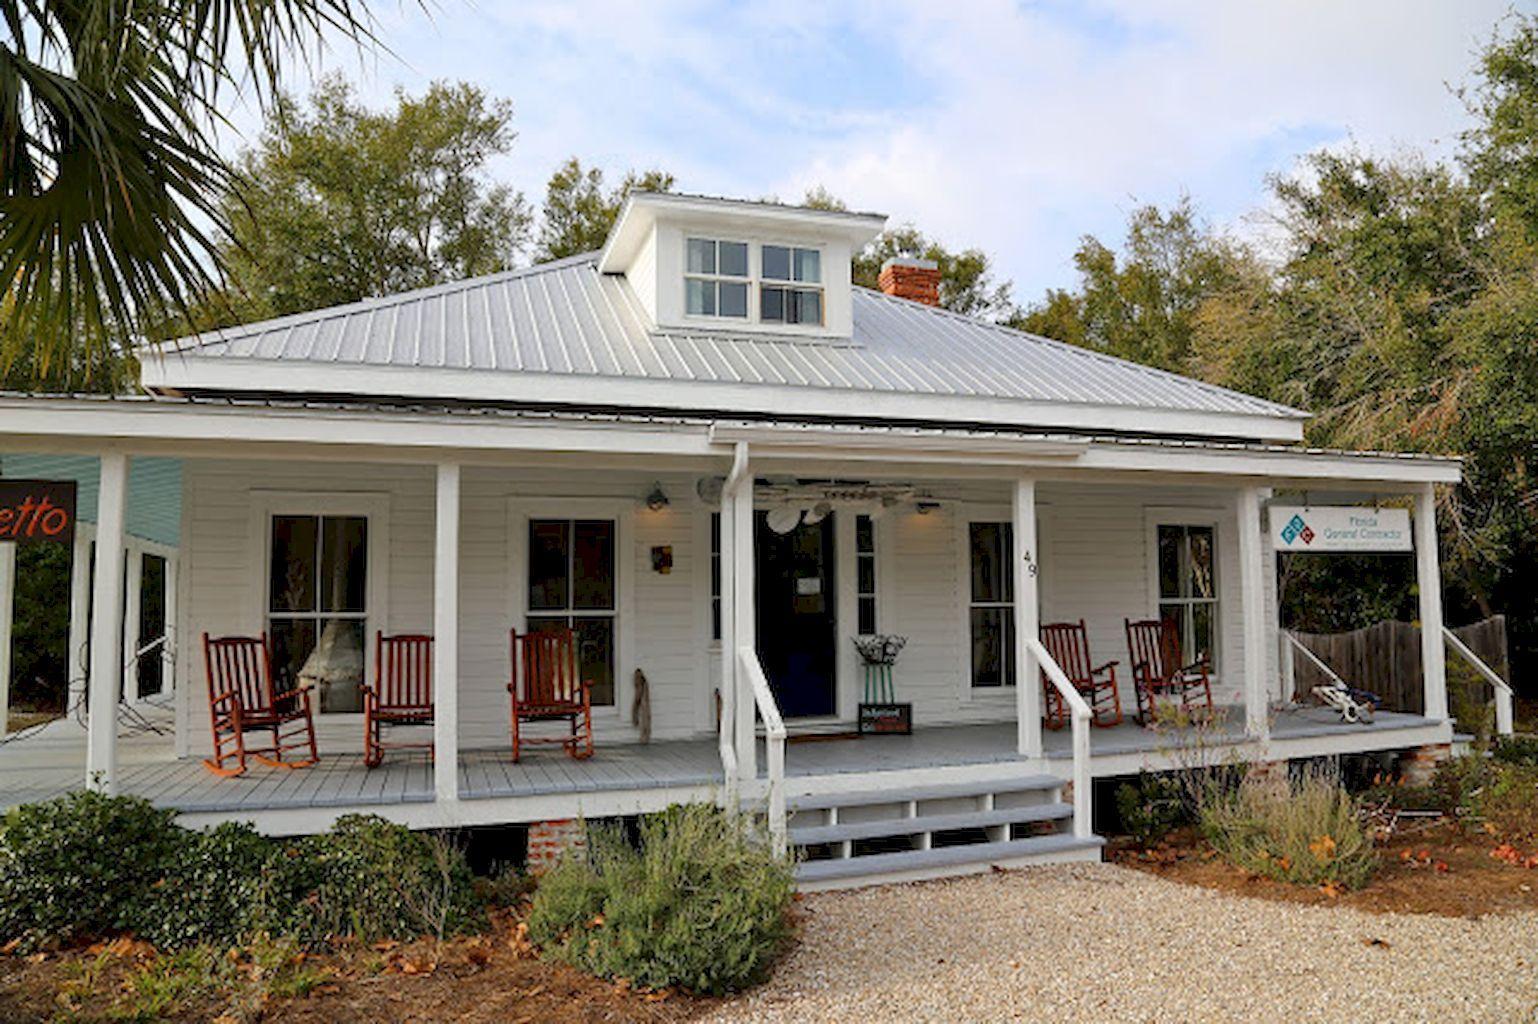 60 Amazing Farmhouse Plans Cracker Style Design Ideas Florida House Plans Florida Cottage Porch House Plans